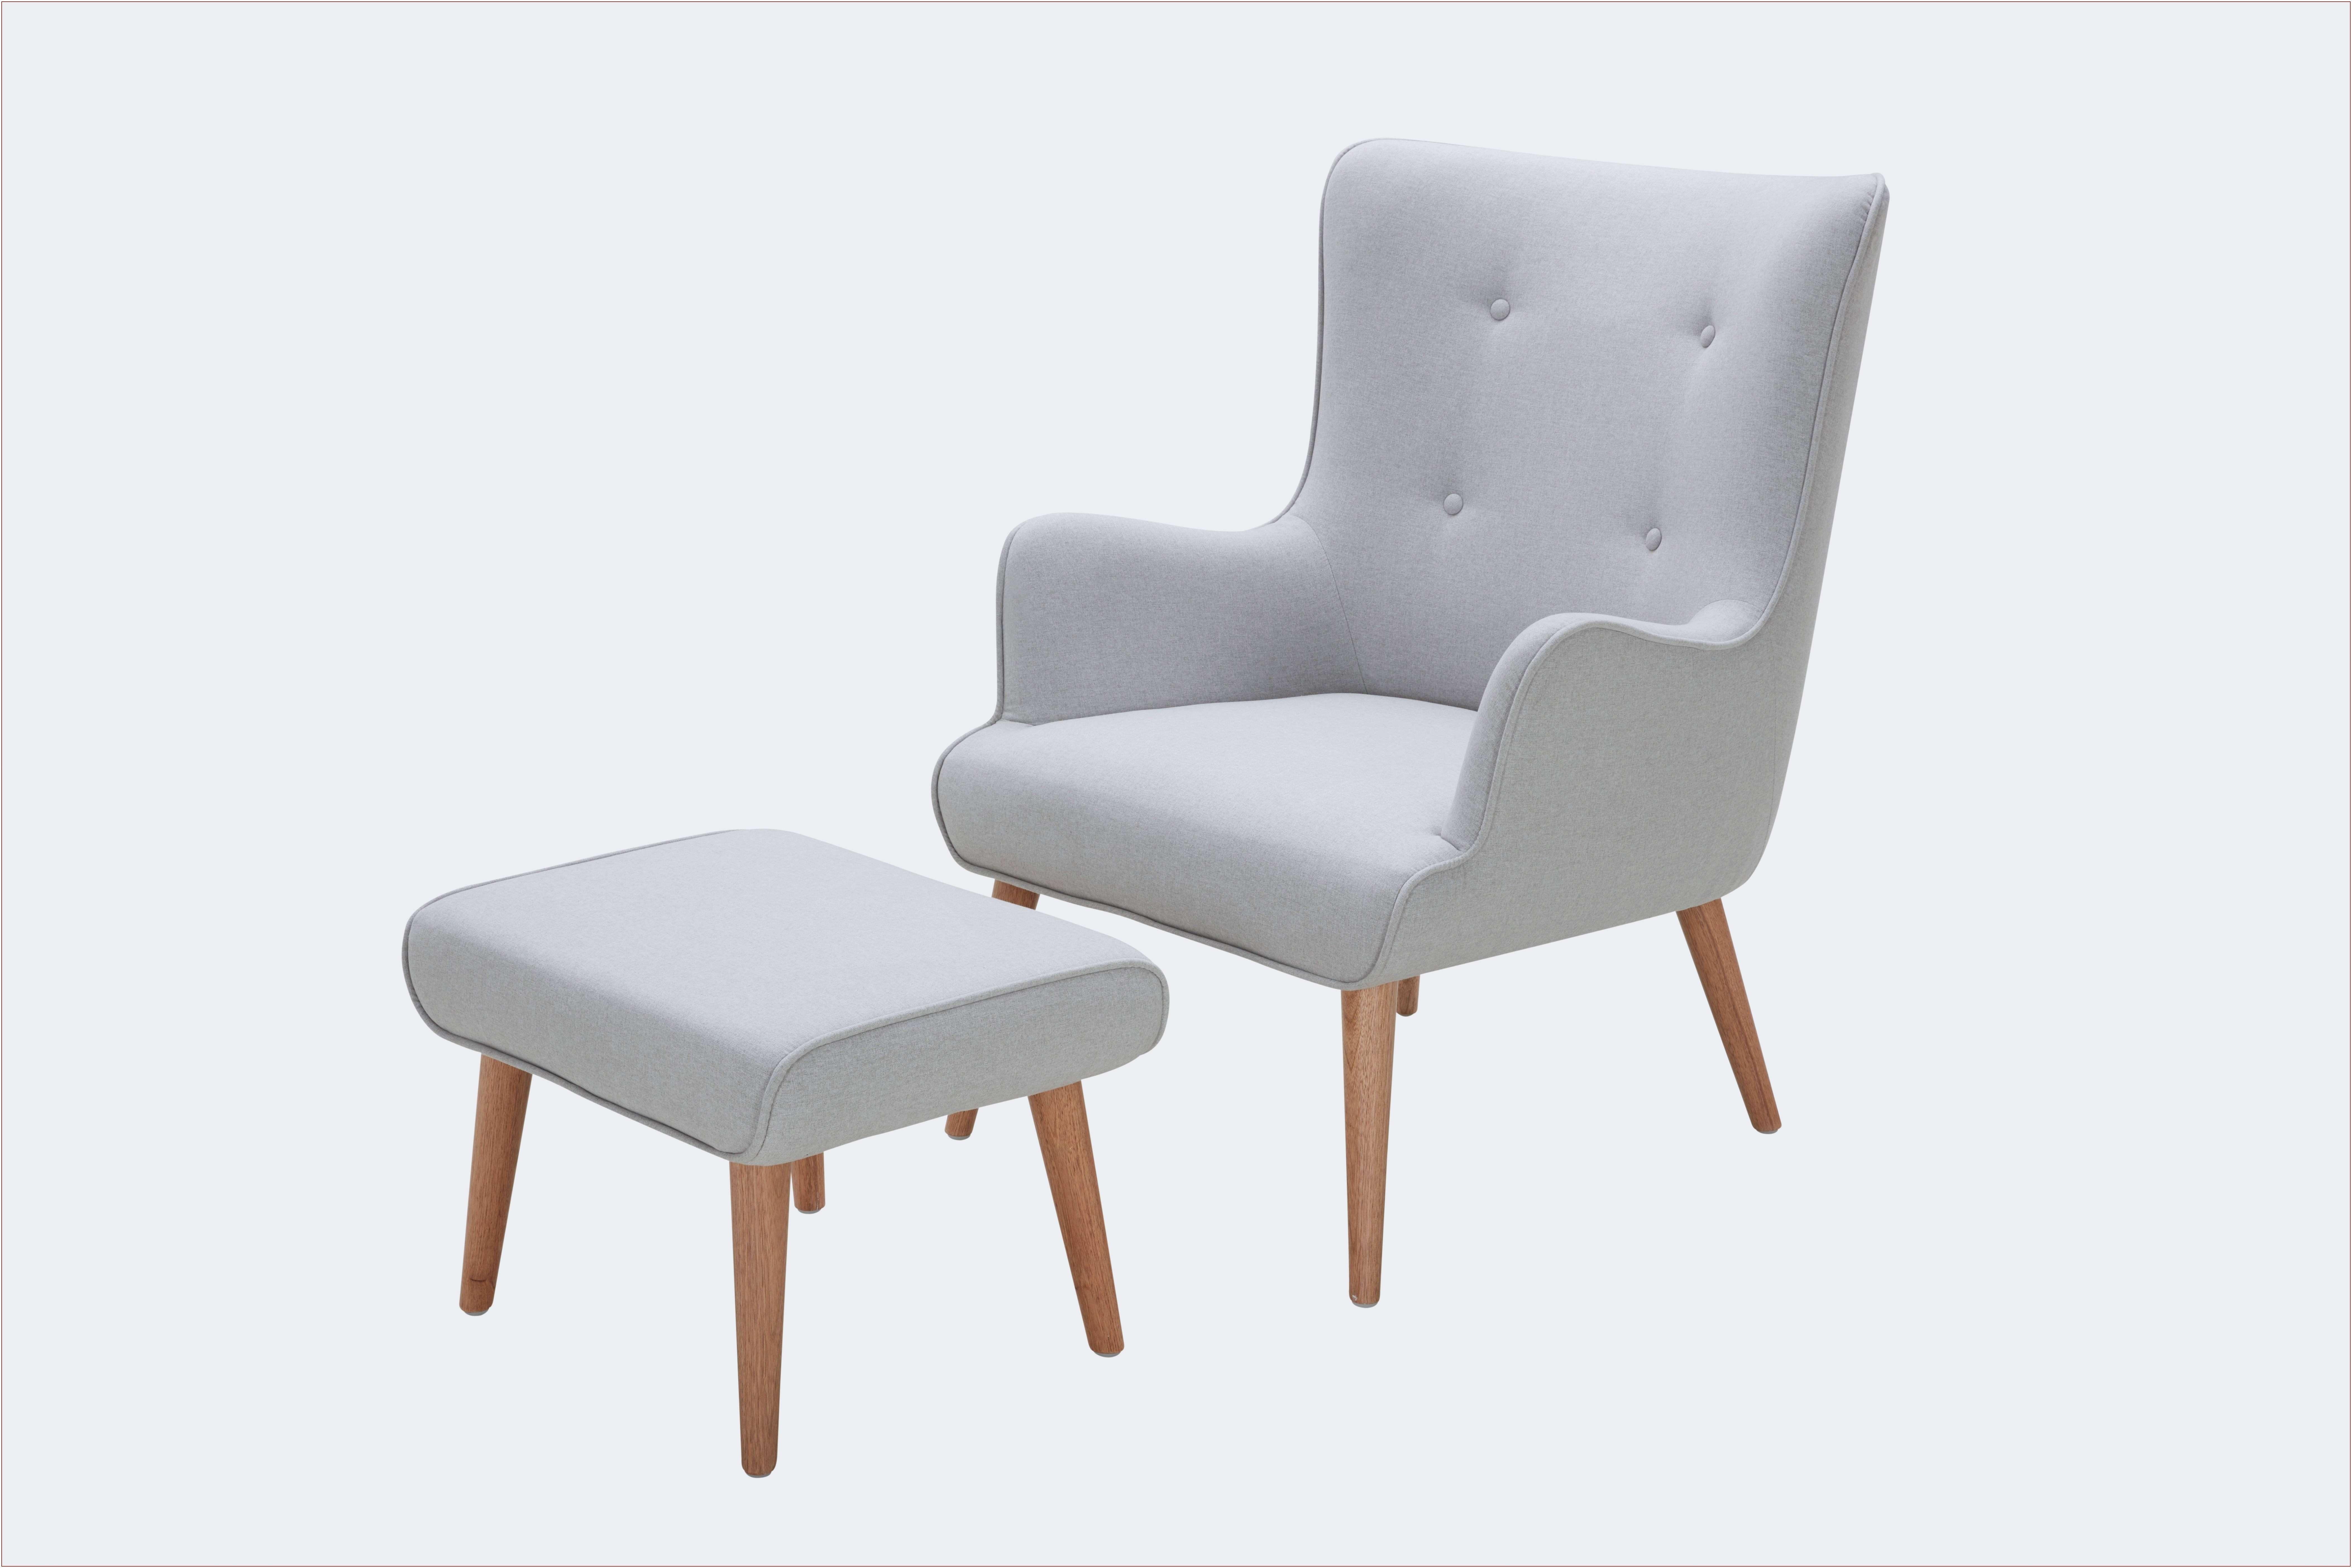 Descente De Lit Ikea Élégant Beau Tapis Design Rond élégant Pour Choix Tapis Rond Ikea